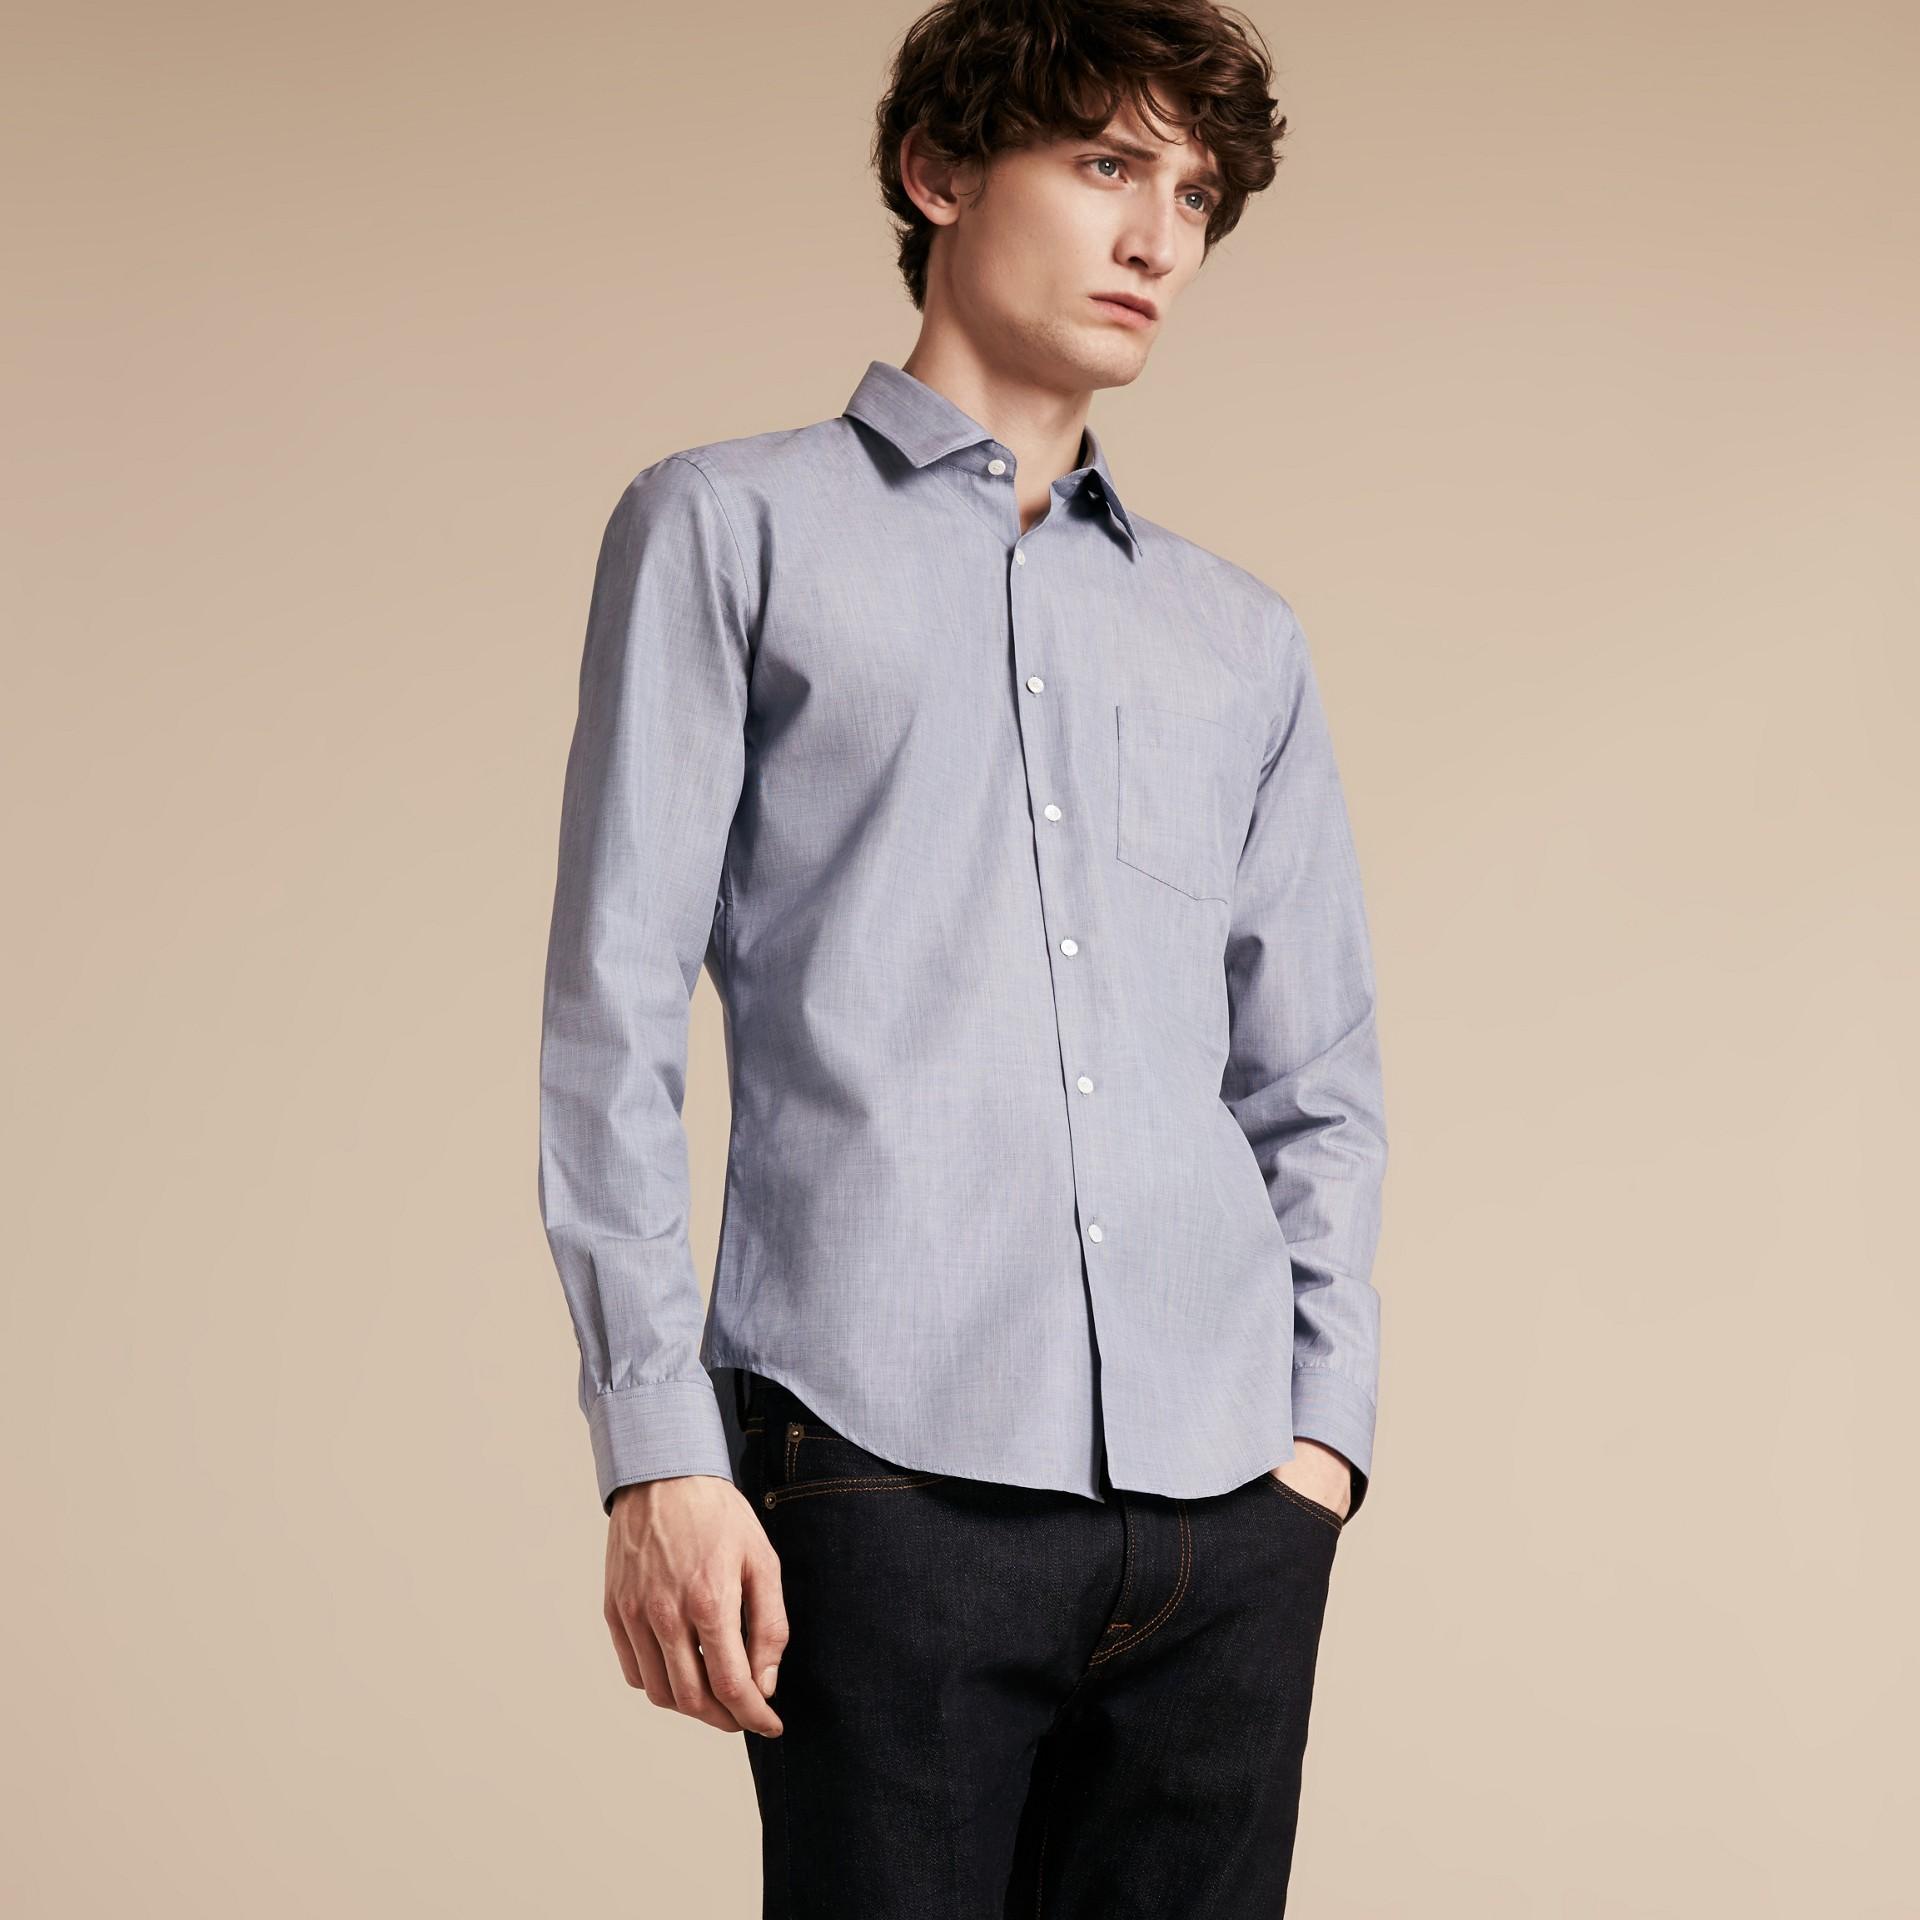 Light blue Camisa de mescla de algodão Light Blue - galeria de imagens 6